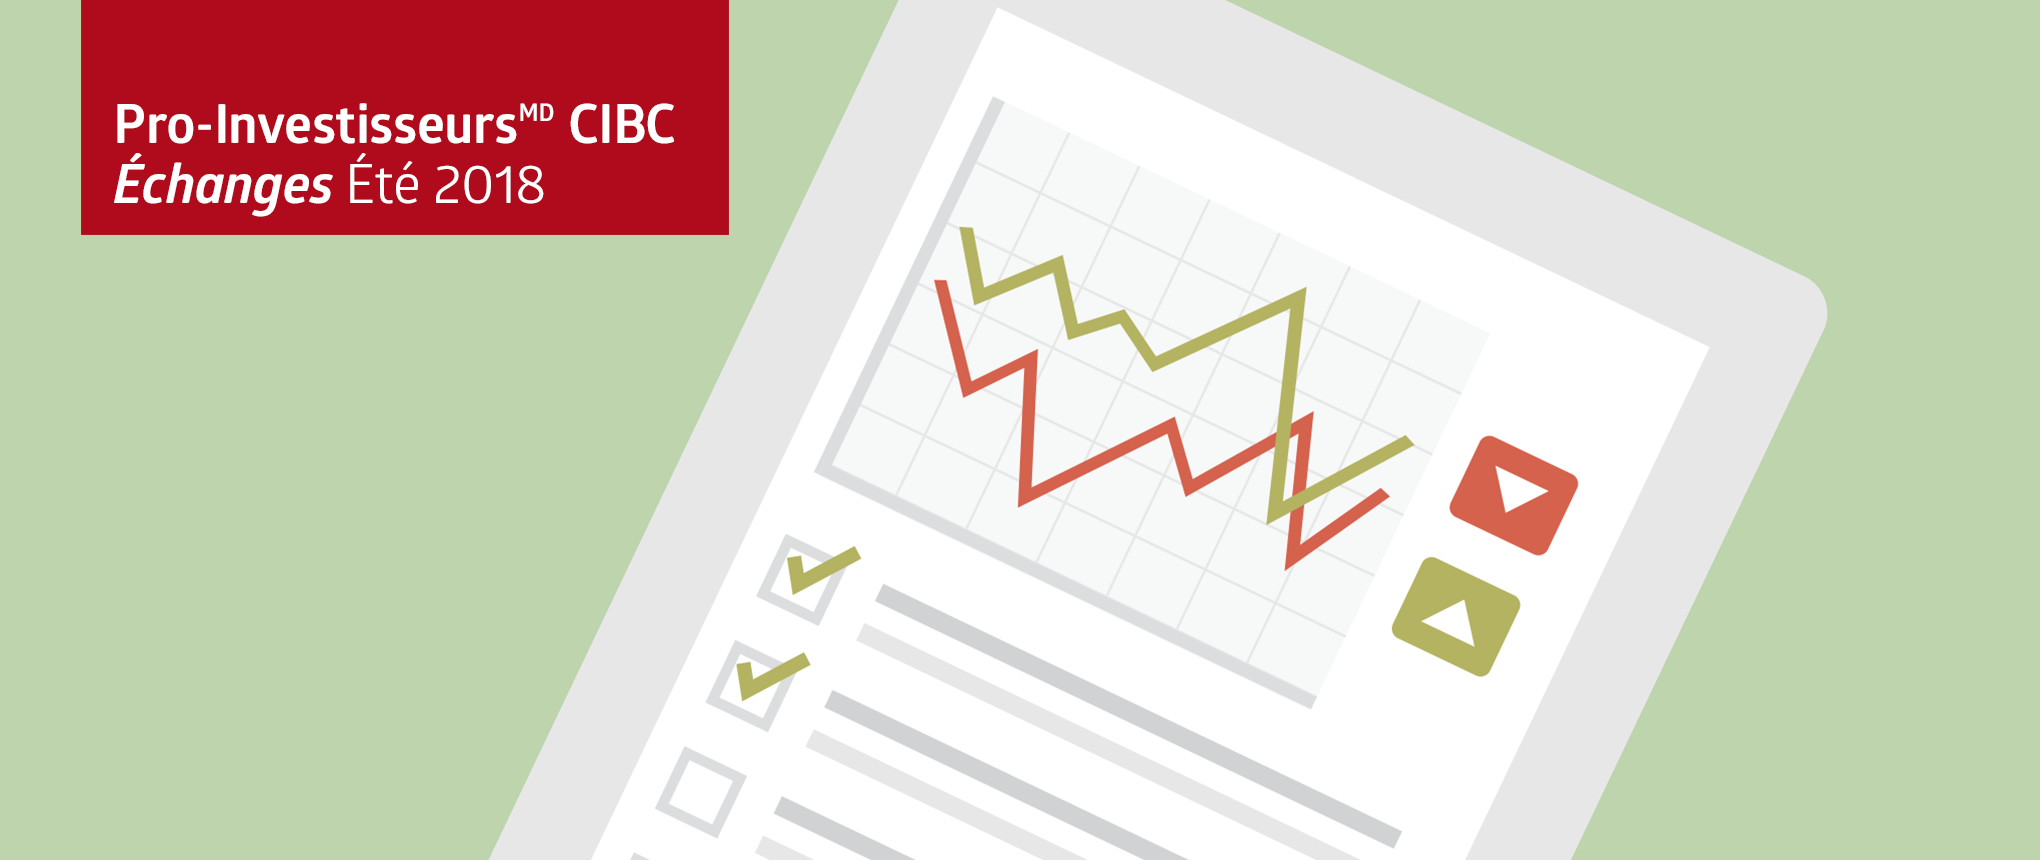 Pro-Investisseurs(MD) CIBC Échanges Été 2018